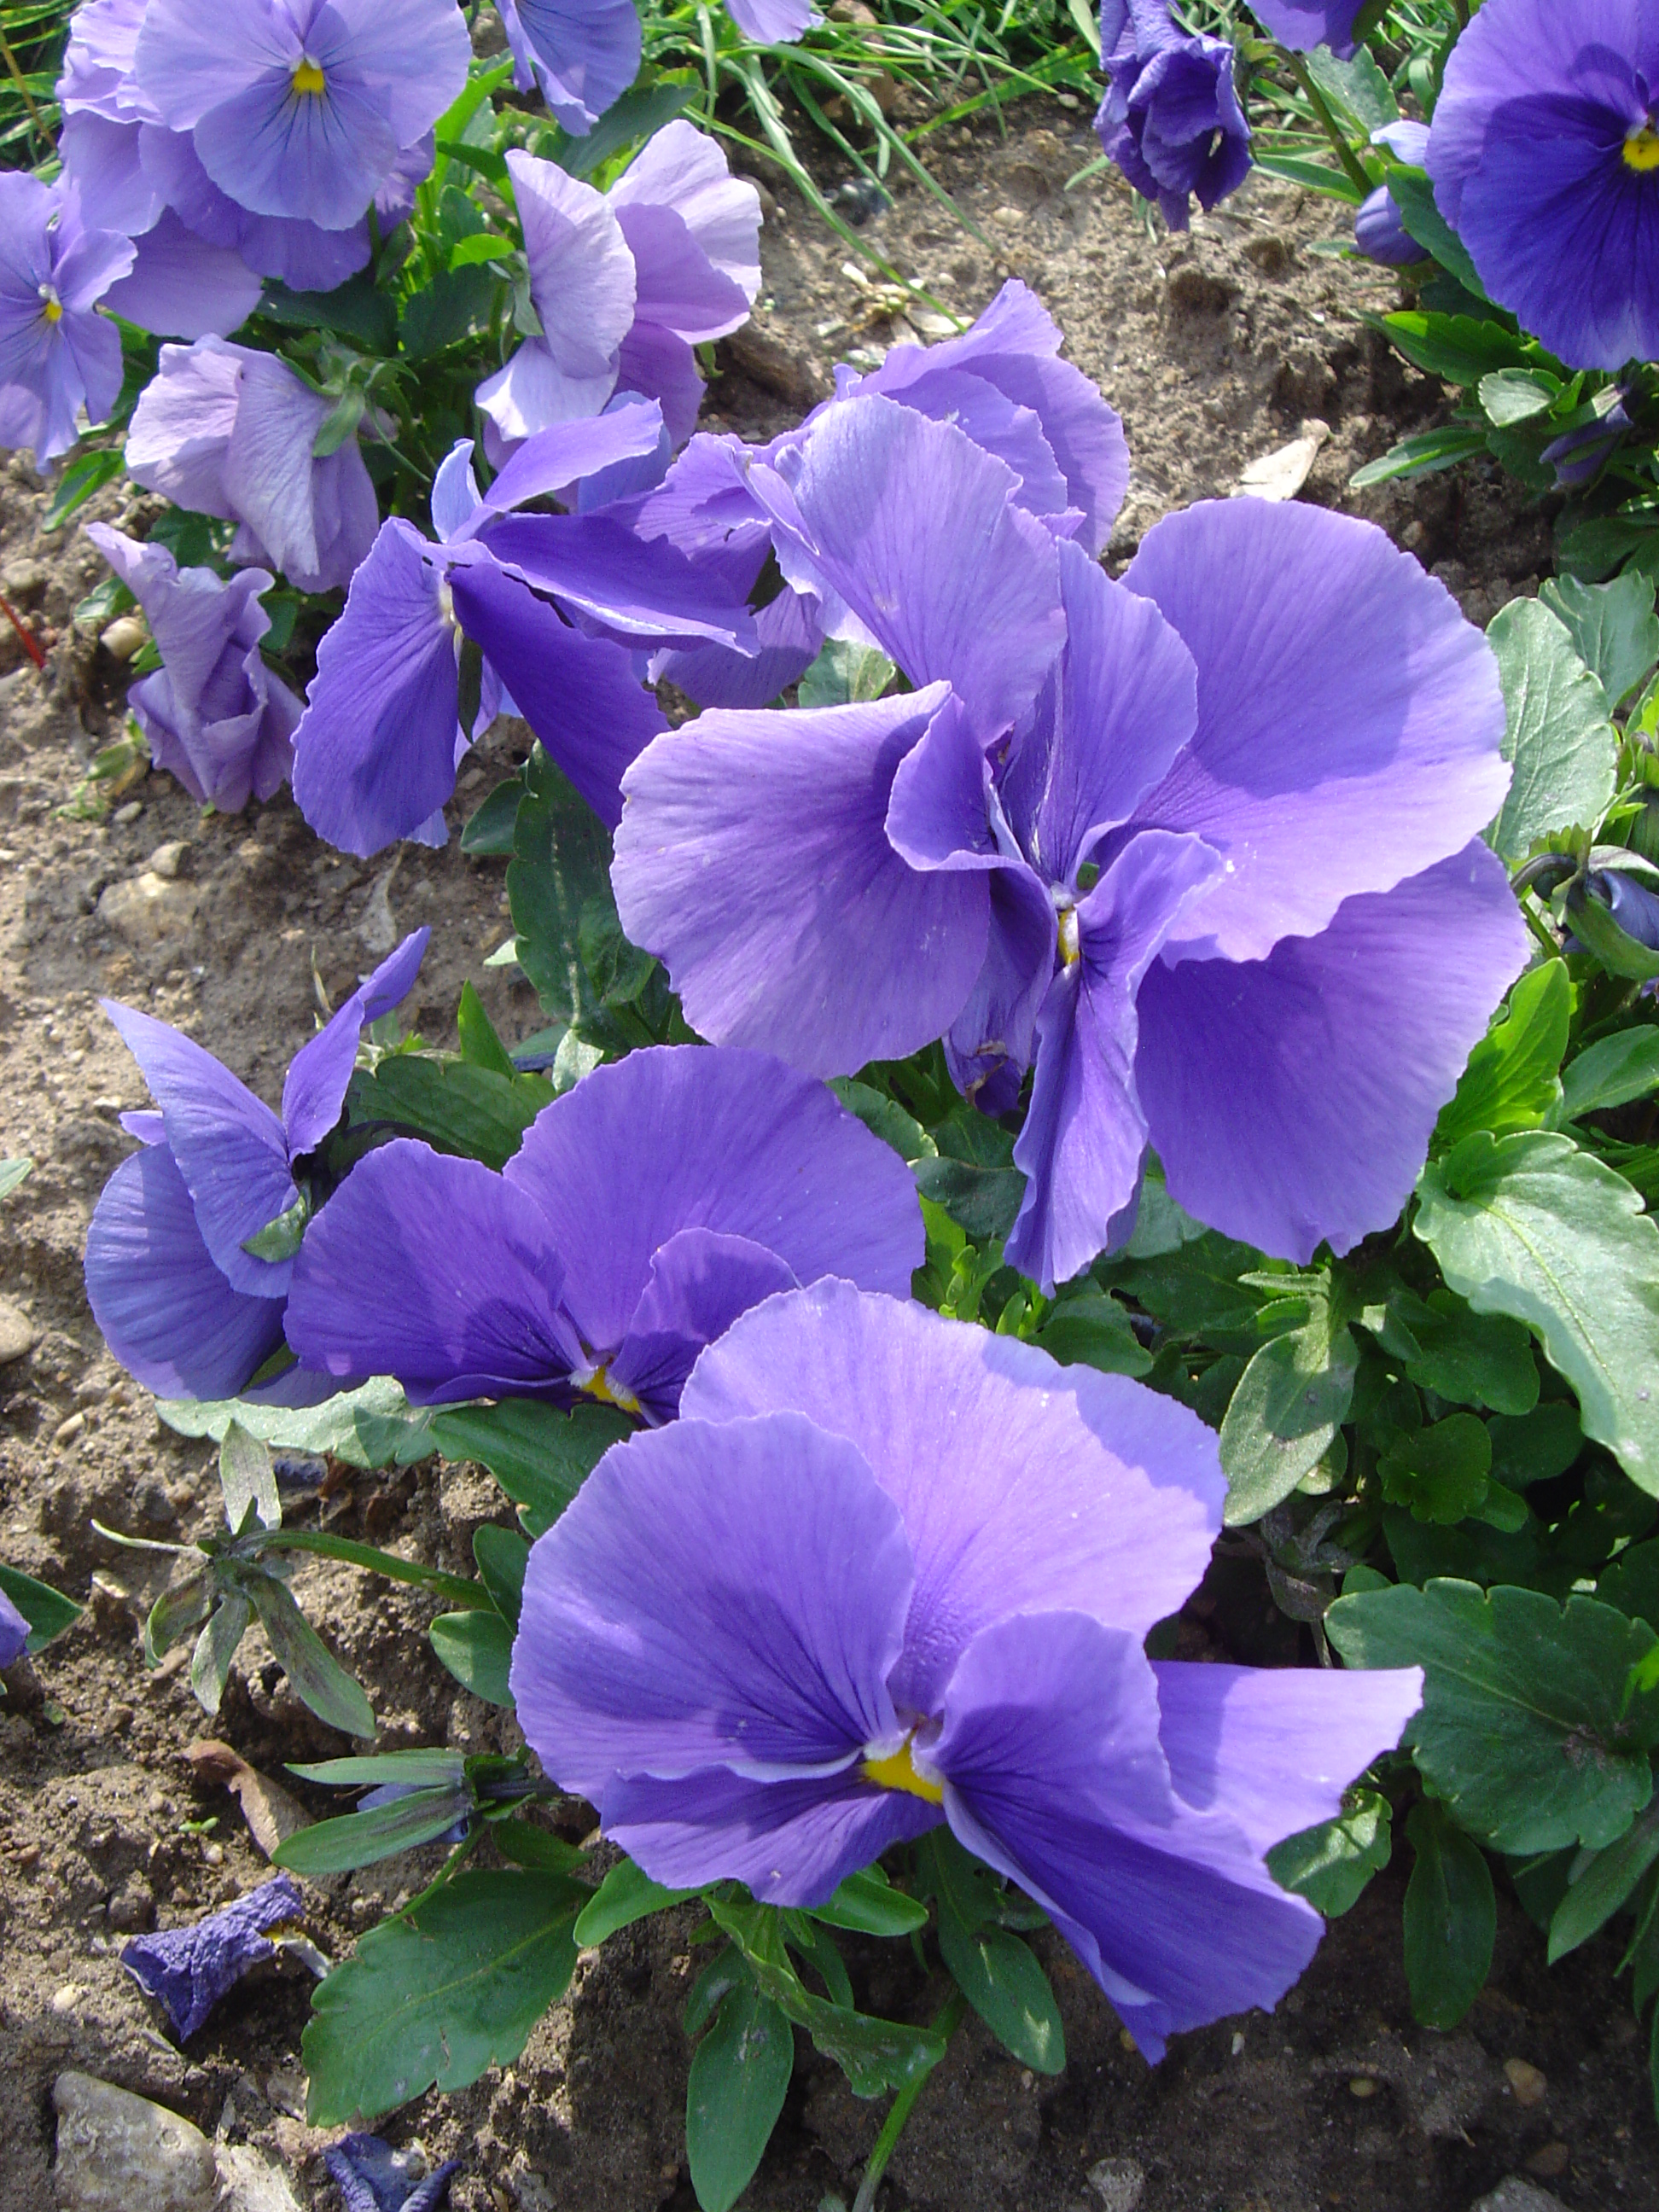 Viola x wittrockiana alpha F1 bleu ciel pur dsc00947.jpg